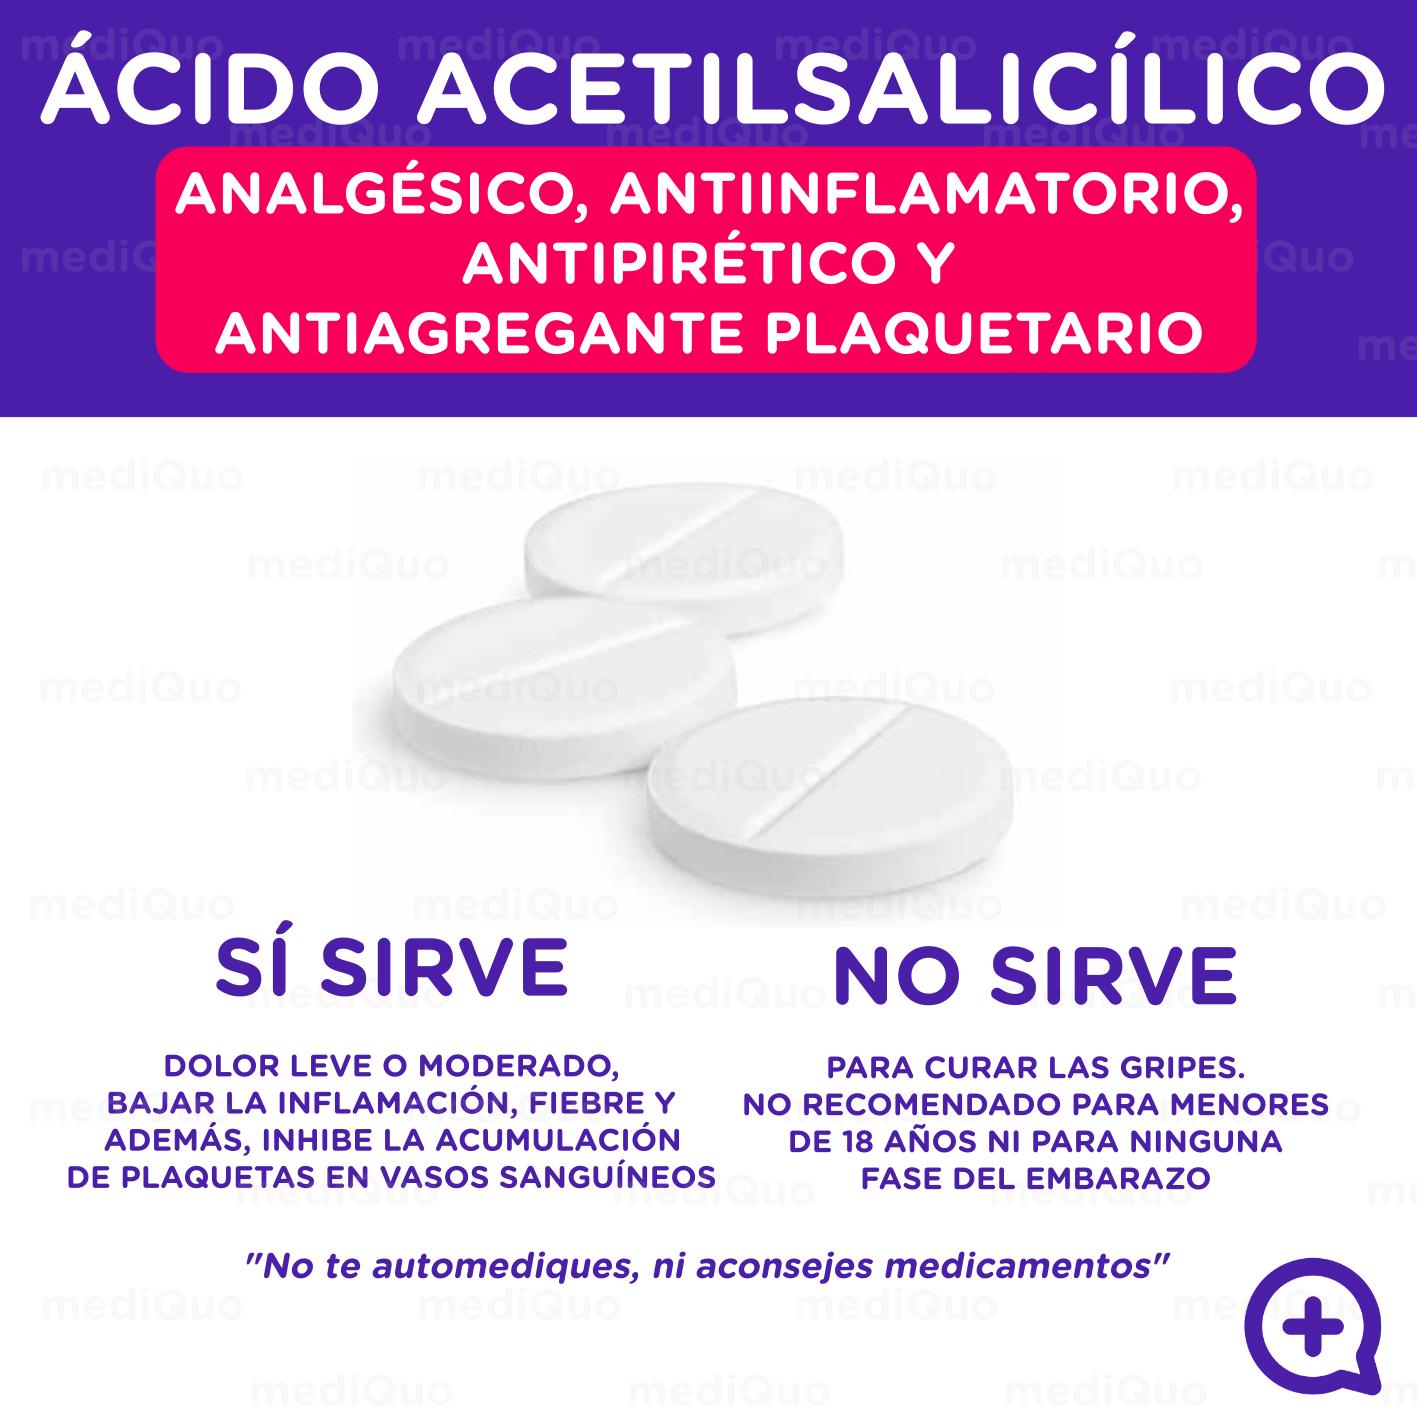 Infografías_ÁCIDO ACETILSALICÍLICO_mediquo